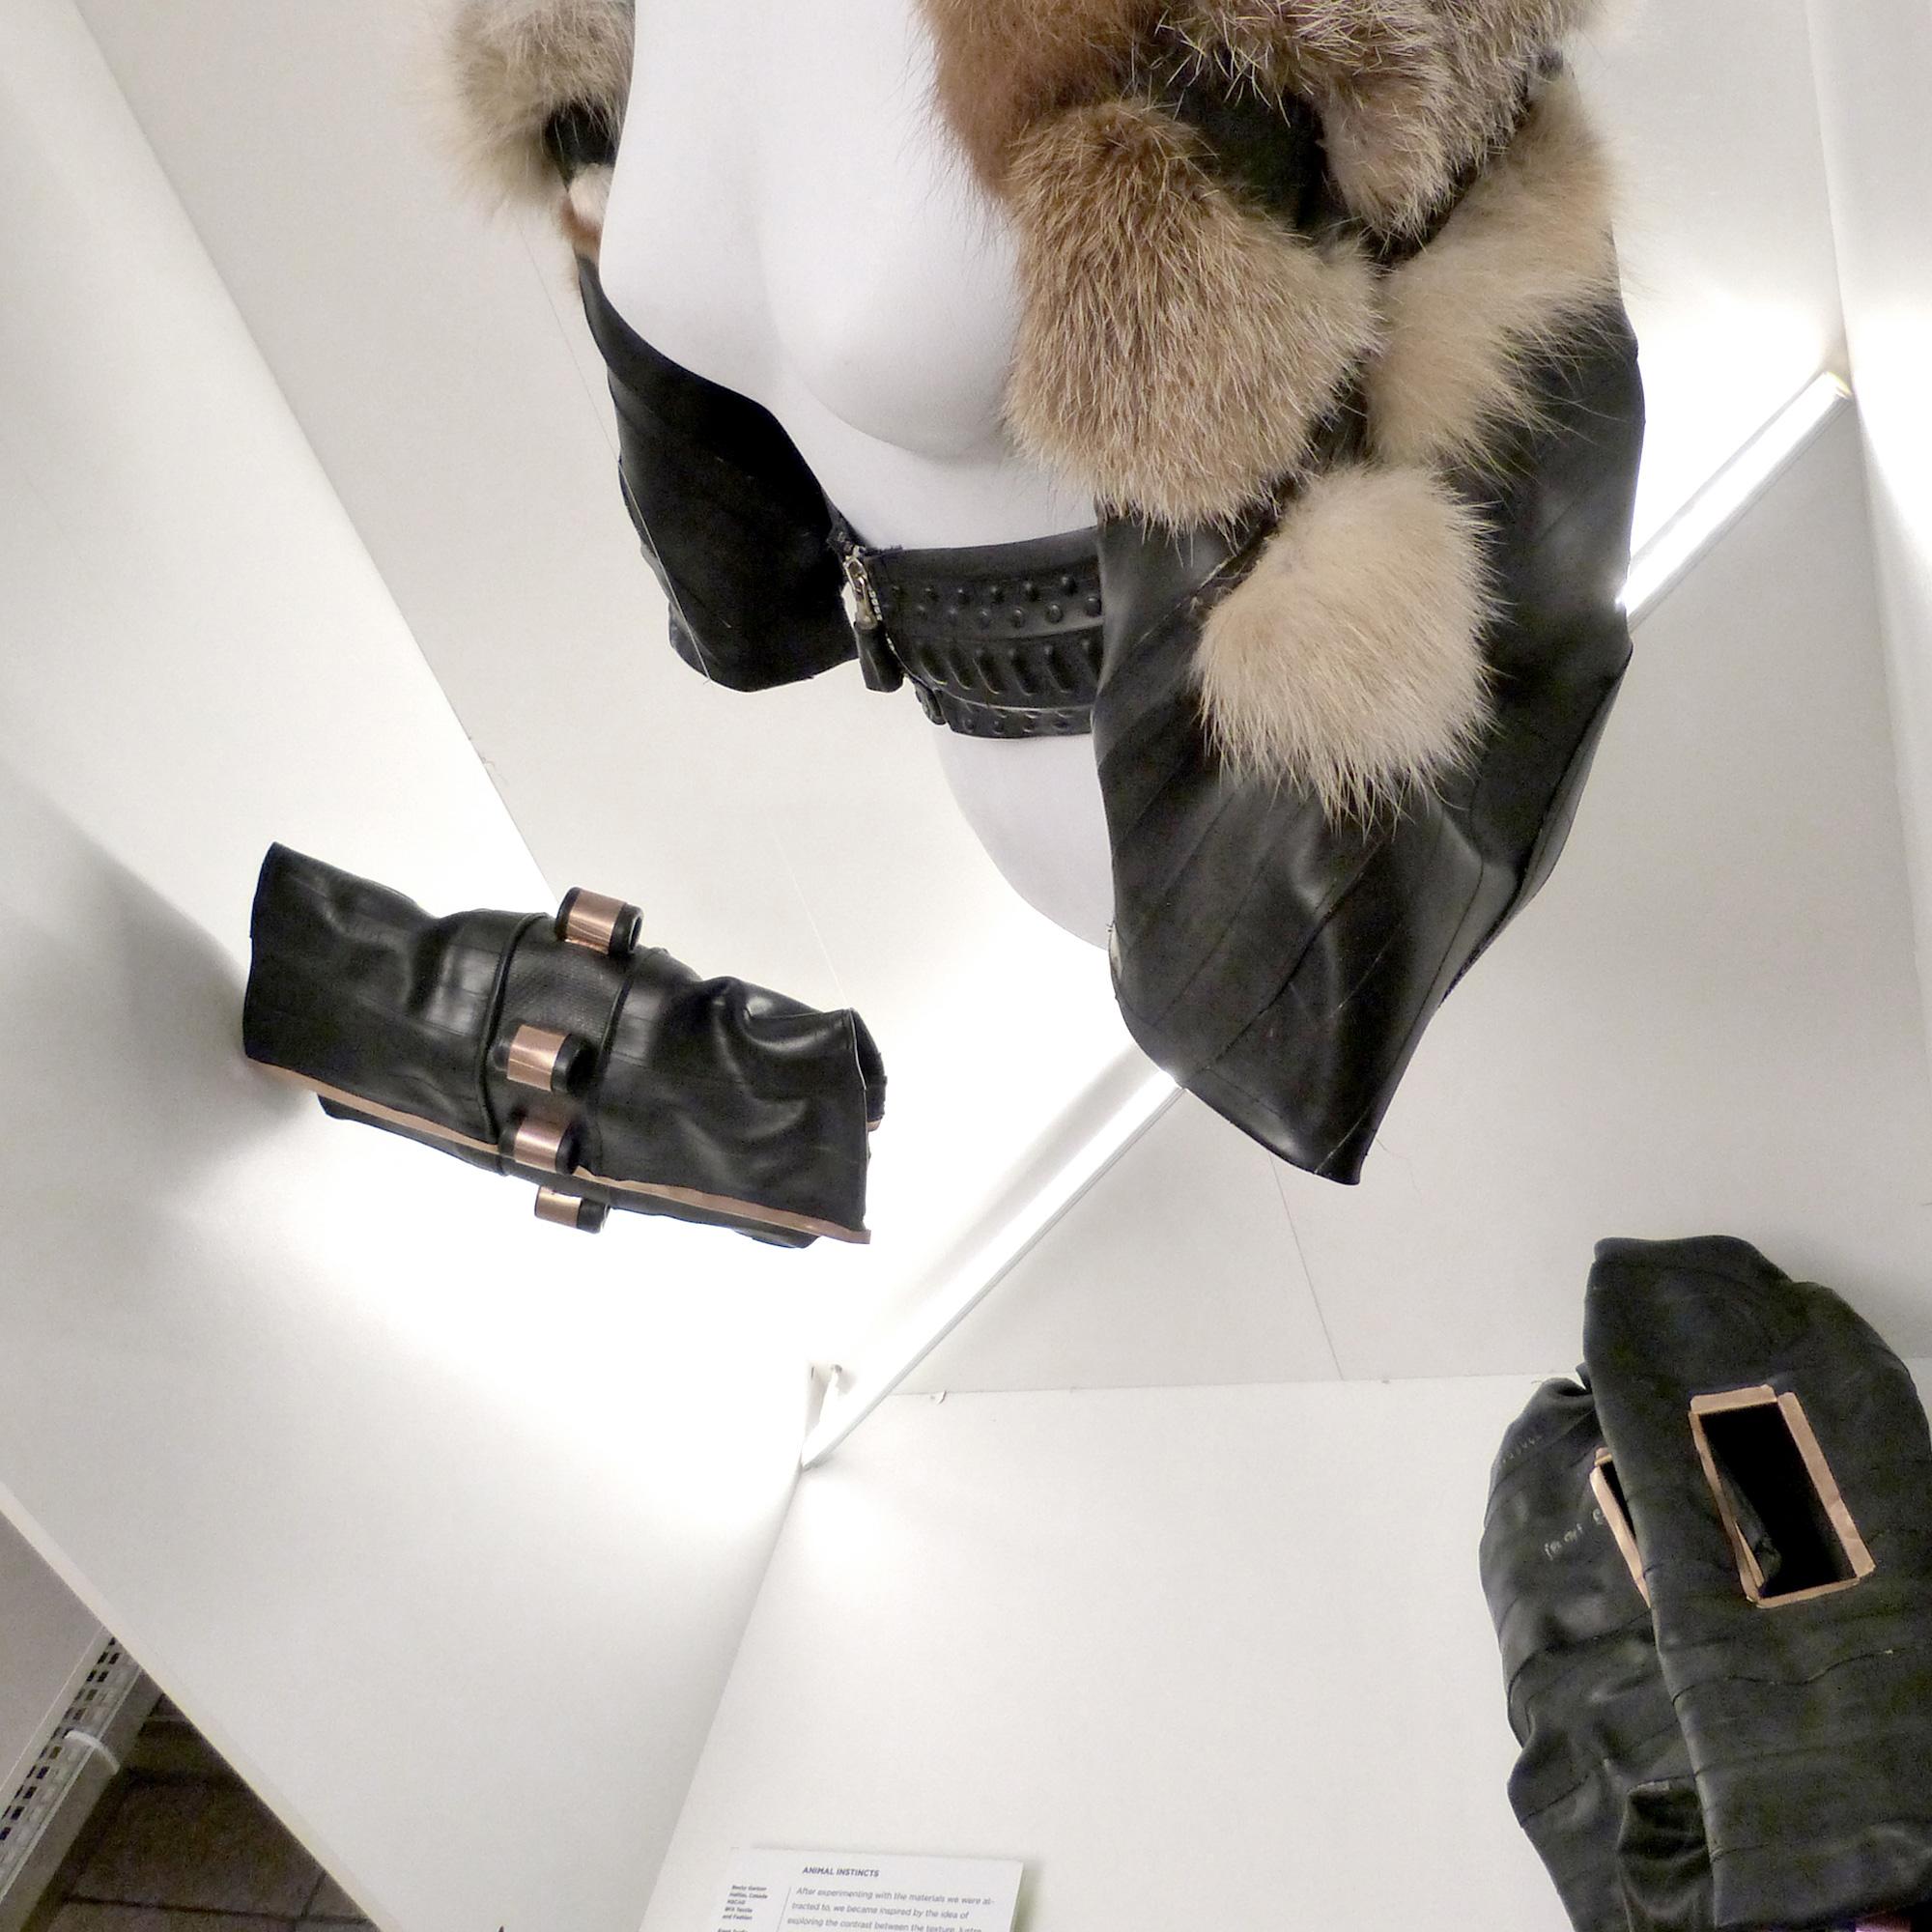 gerrit_schweiger-Young-European-Talents-Workshop-Exhibition-2013-Kleiderschrank-perspektive-1